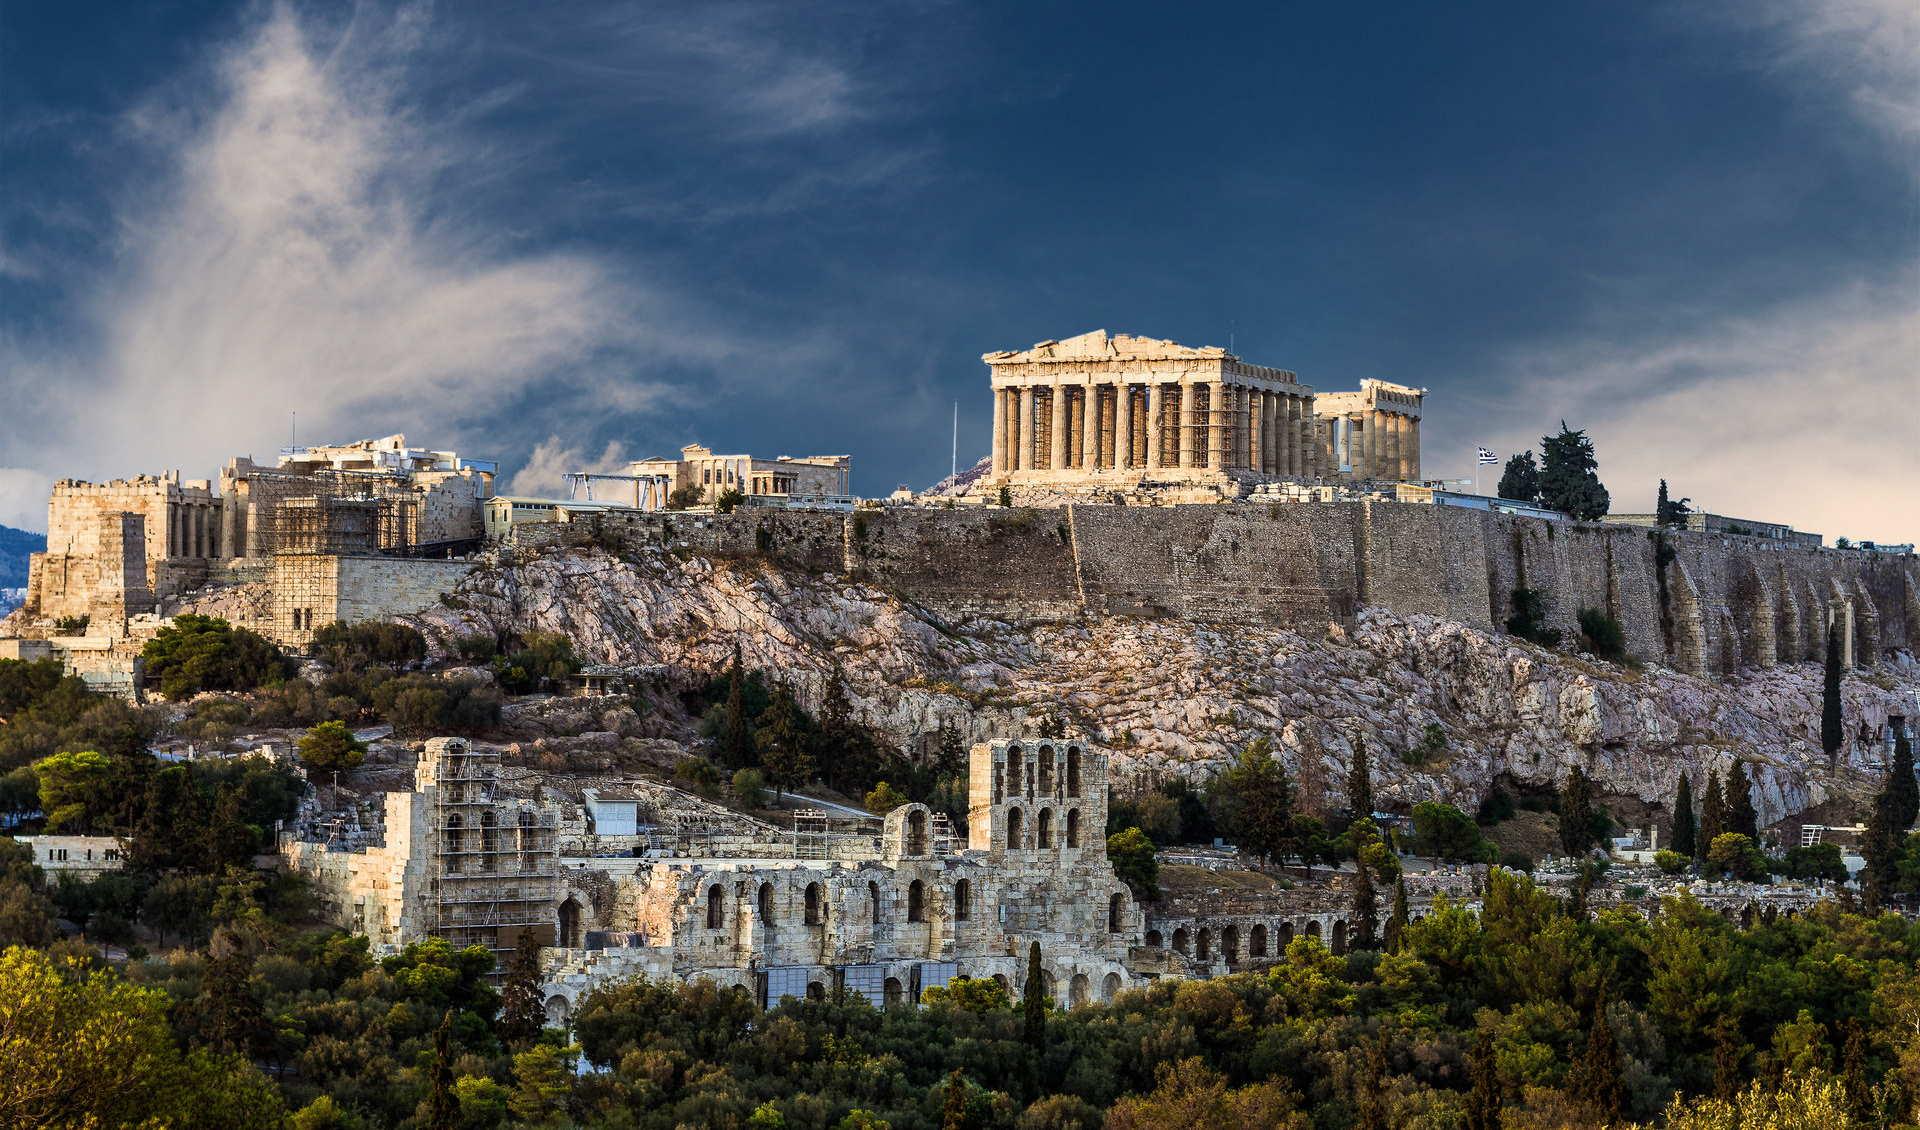 Что посмотреть в Афинах и как туда вообще попасть: подробный маршрут для длинного уикенда